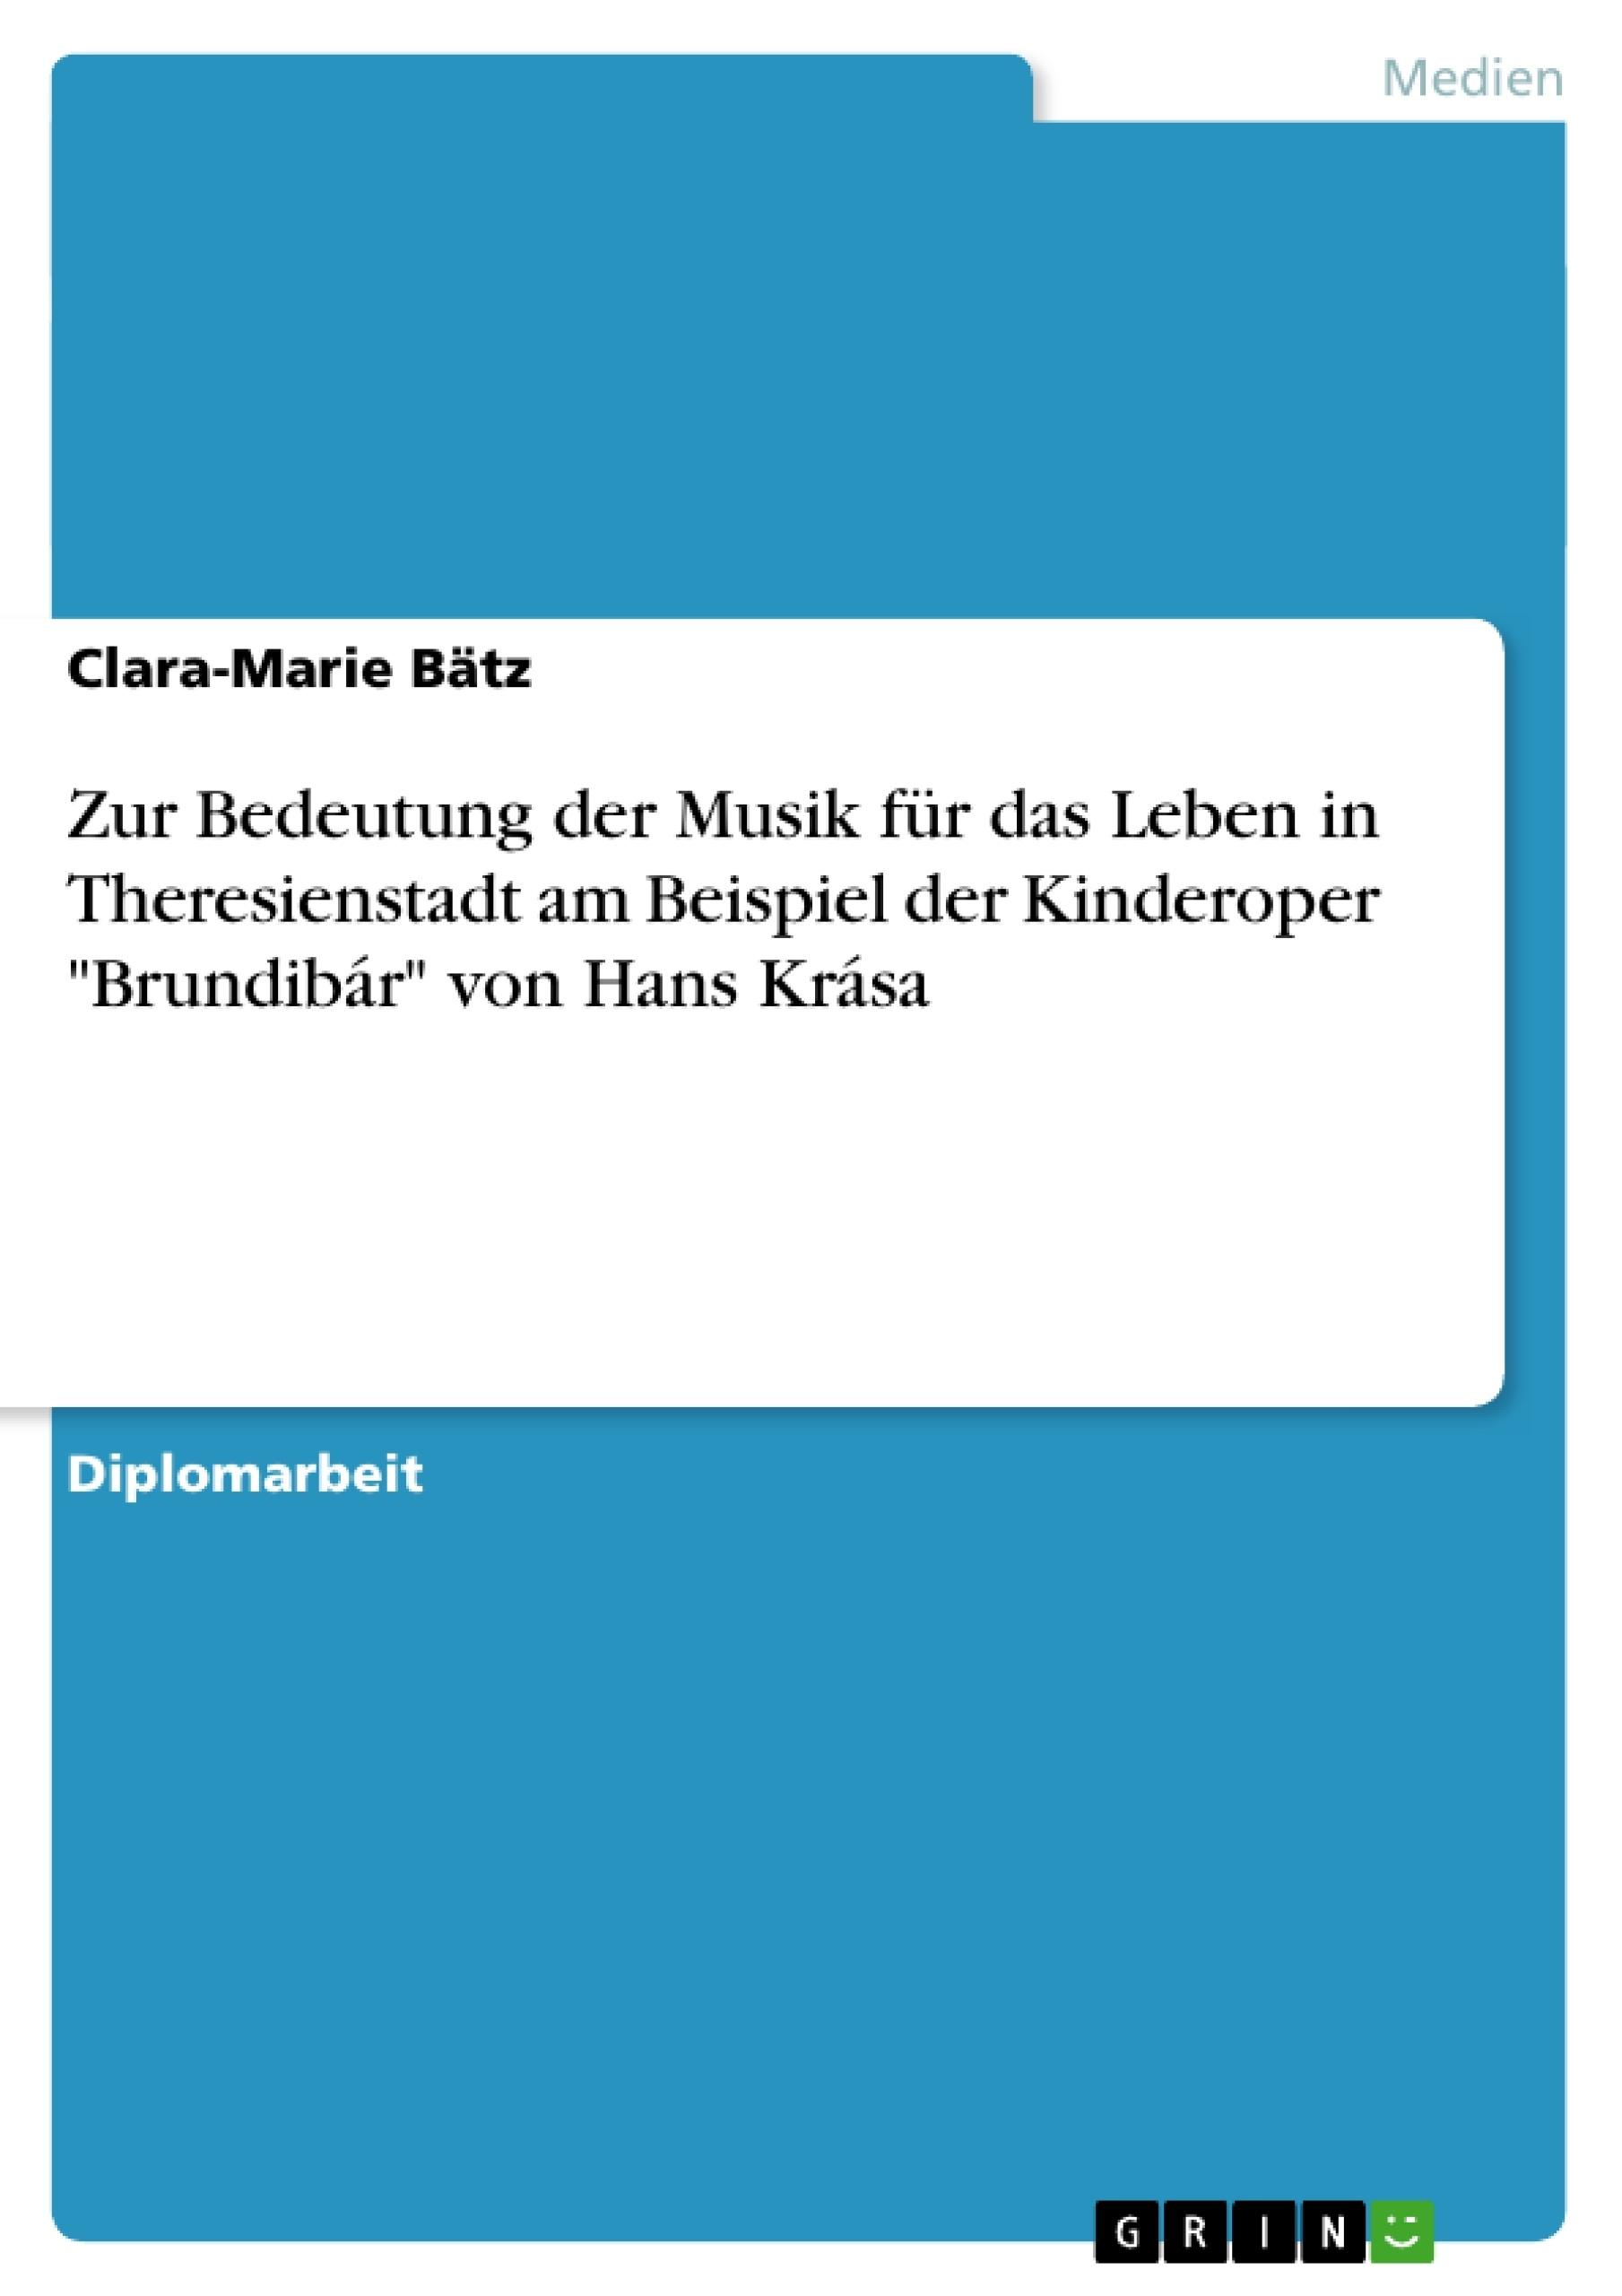 """Titel: Zur Bedeutung der Musik für das Leben in Theresienstadt am Beispiel der Kinderoper """"Brundibár"""" von Hans Krása"""